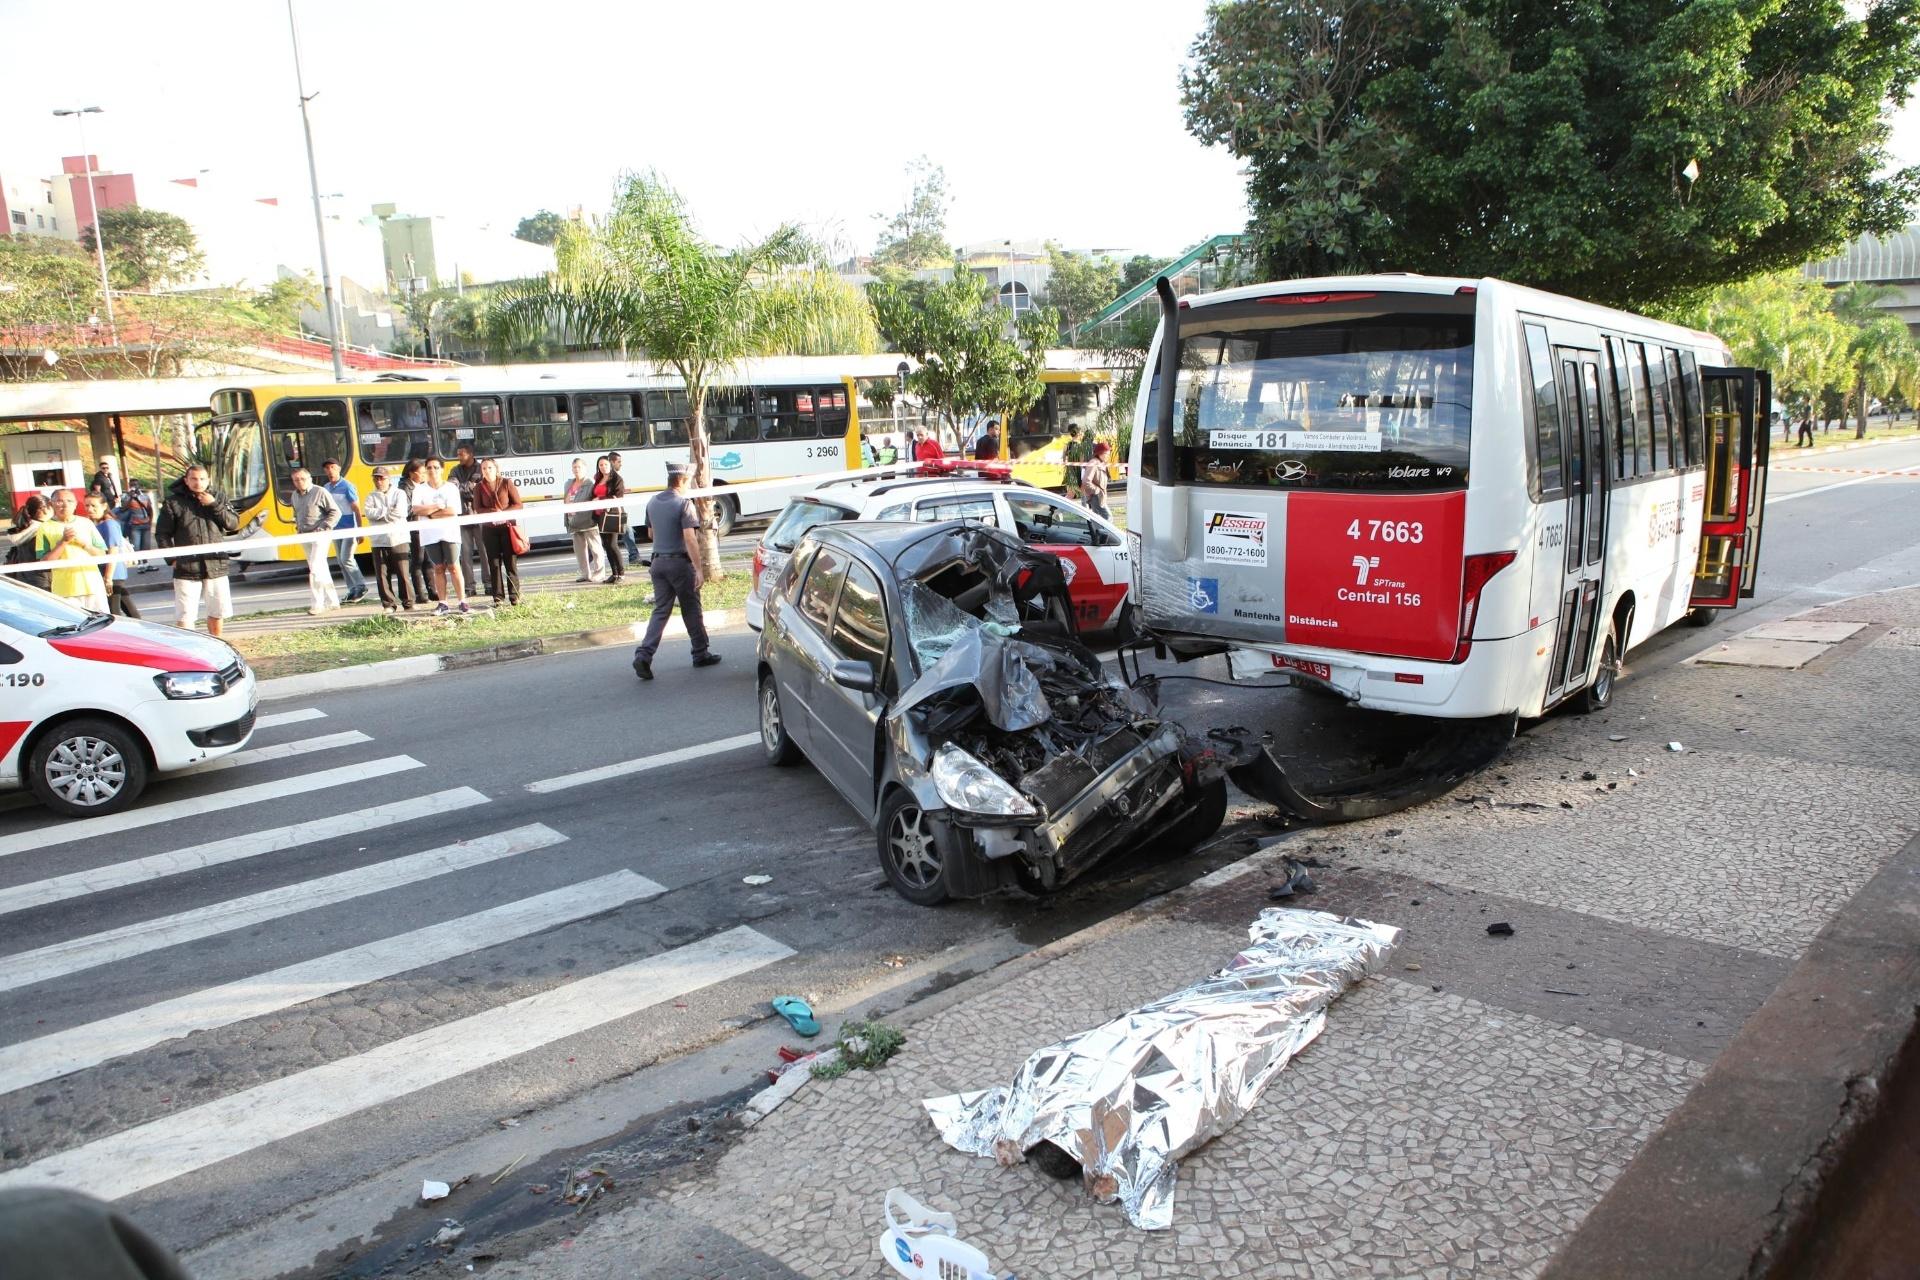 21.jul.2015 - Uma pessoa morreu em um acidente durante perseguição policial  em 3eb9aad452